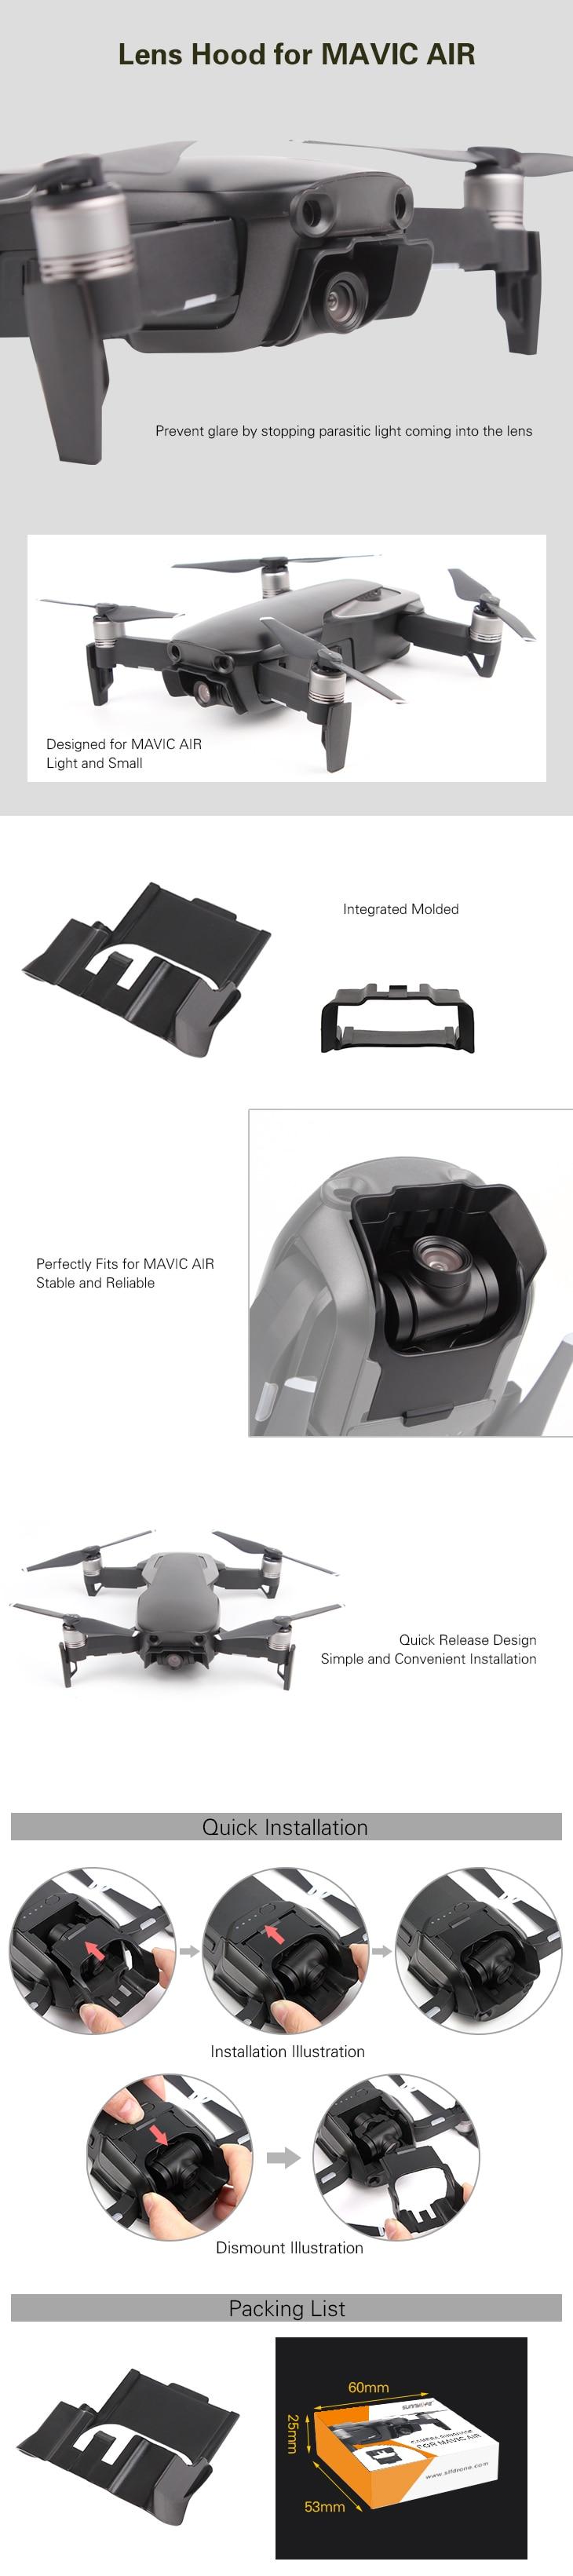 AIR-Q9102